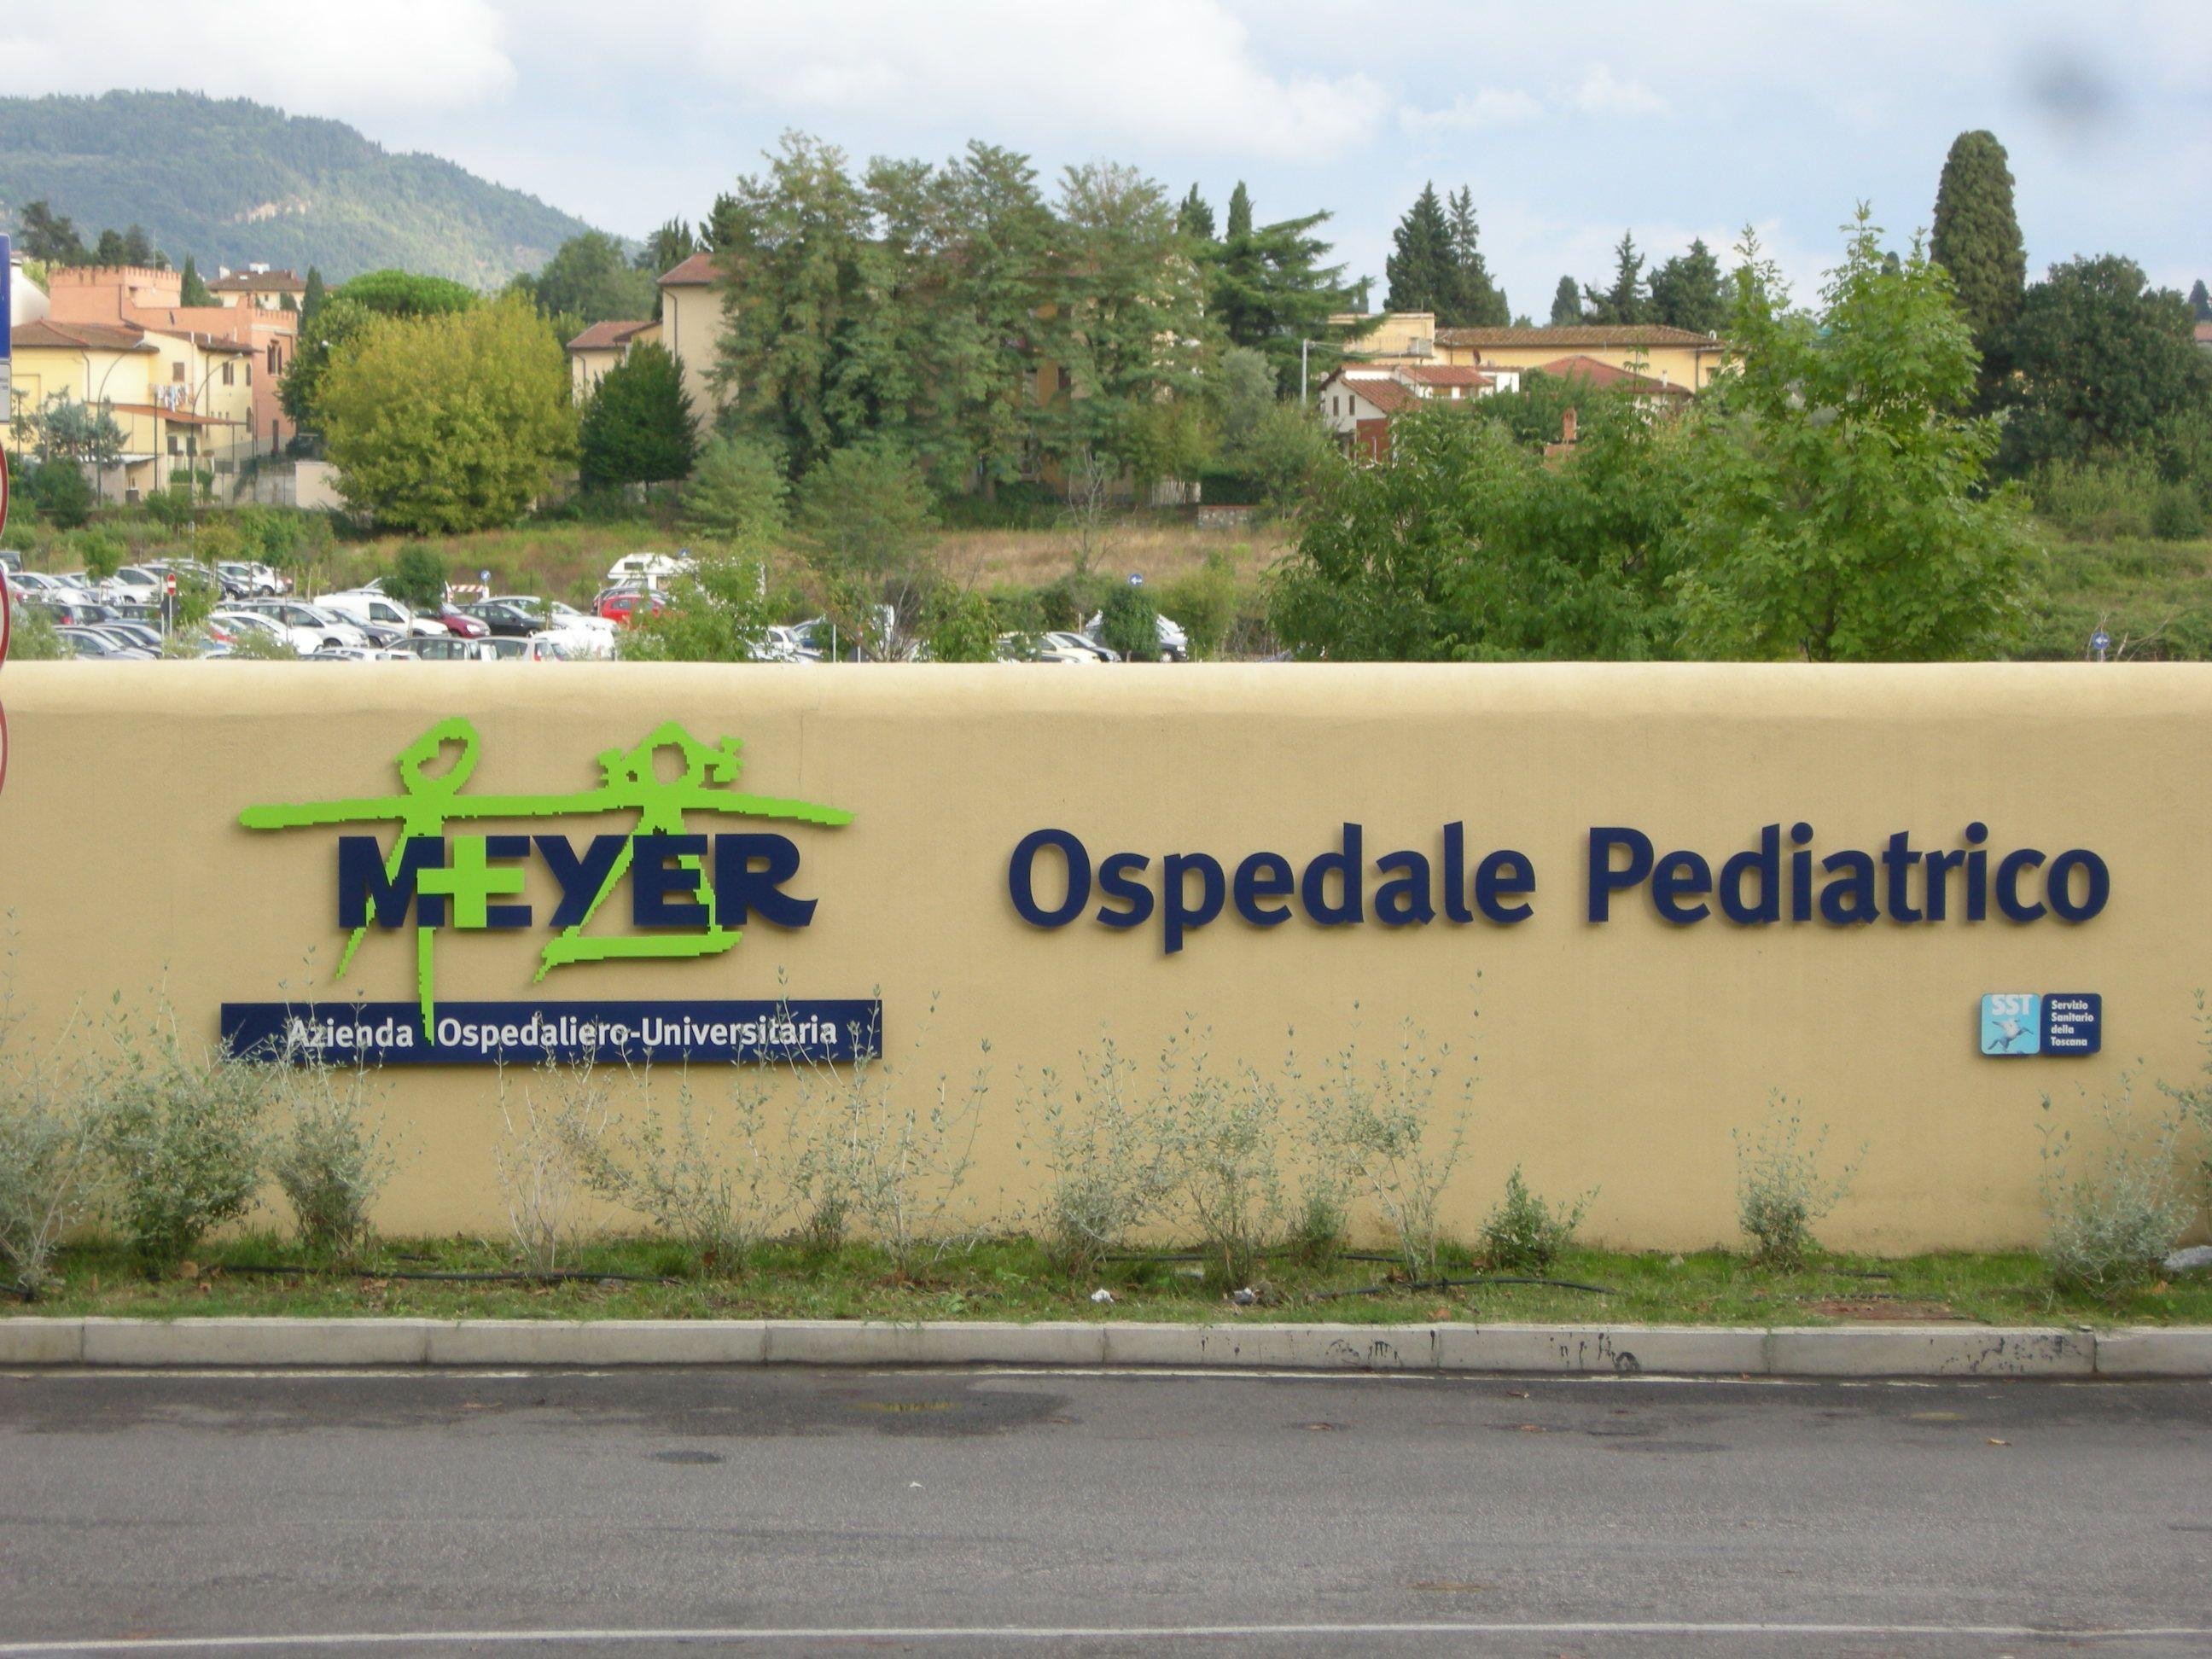 Formaggio contaminato: bimbo intossicato, grave in ospedale